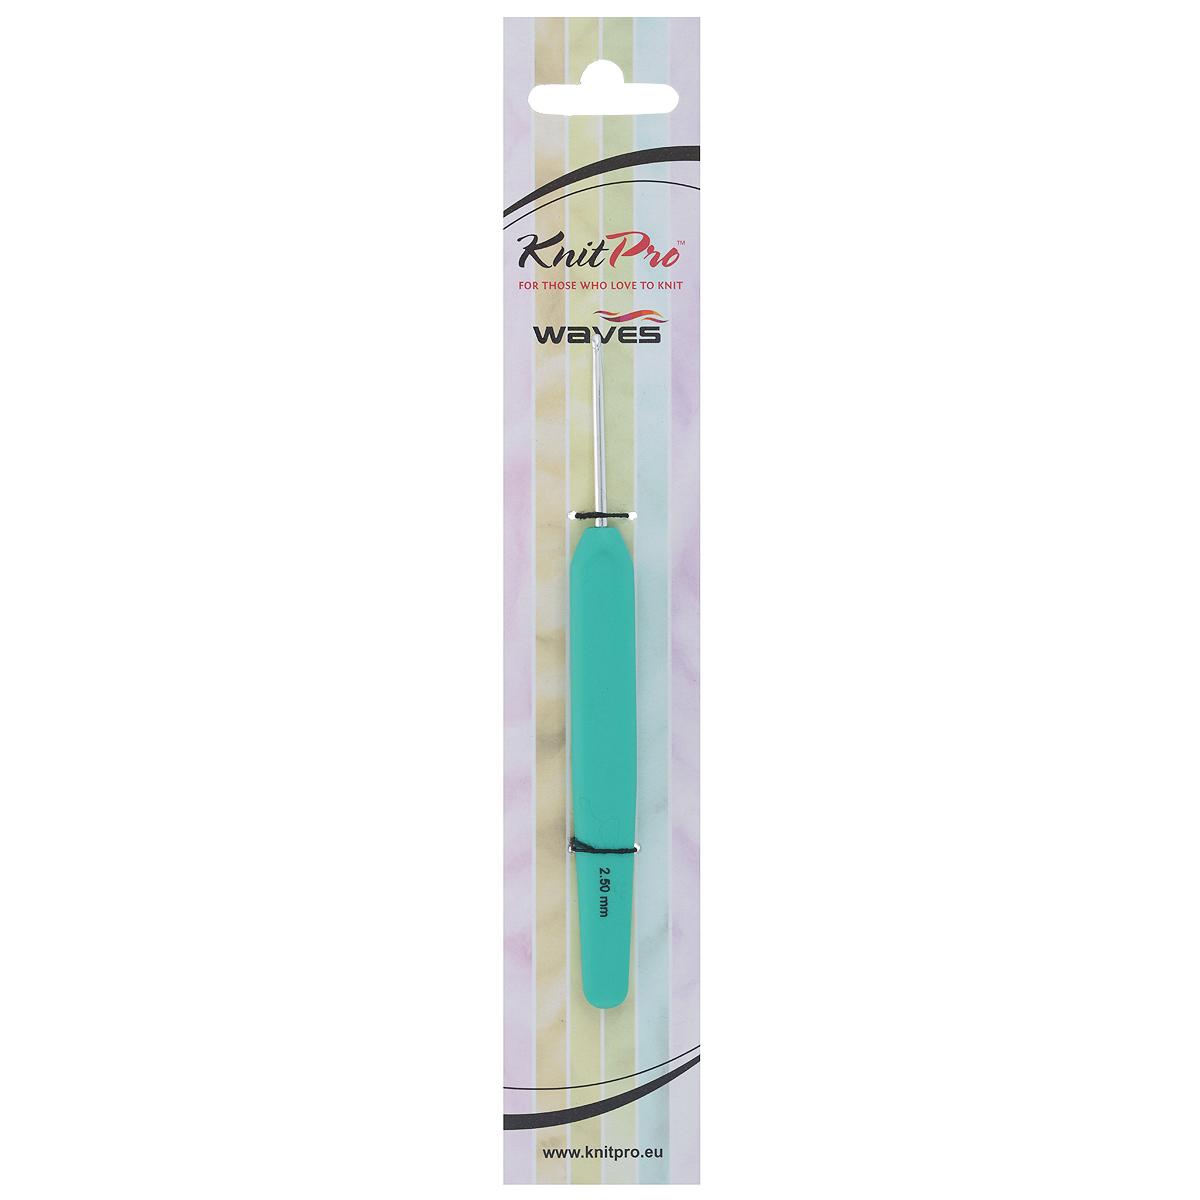 Крючок для вязания KnitPro Waves, цвет: зеленый, диаметр 2,5 мм30903Крючок KnitPro Waves, изготовленный из алюминия, оснащен эргономичной пластиковой ручкой с покрытием soft-touch. Он предназначен для вязания и плетения из ниток, ручного изготовления полотна. Вязание крючком применяют как для изготовления одежды целиком, так и отделочных элементов или украшений. Вы сможете вязать для себя и делать подарки друзьям. Рукоделие всегда считалось изысканным, благородным делом. Работа, сделанная своими руками, долго будет радовать вас и ваших близких. Подарок, выполненный собственноручно, станет самым ценным для друзей и знакомых.